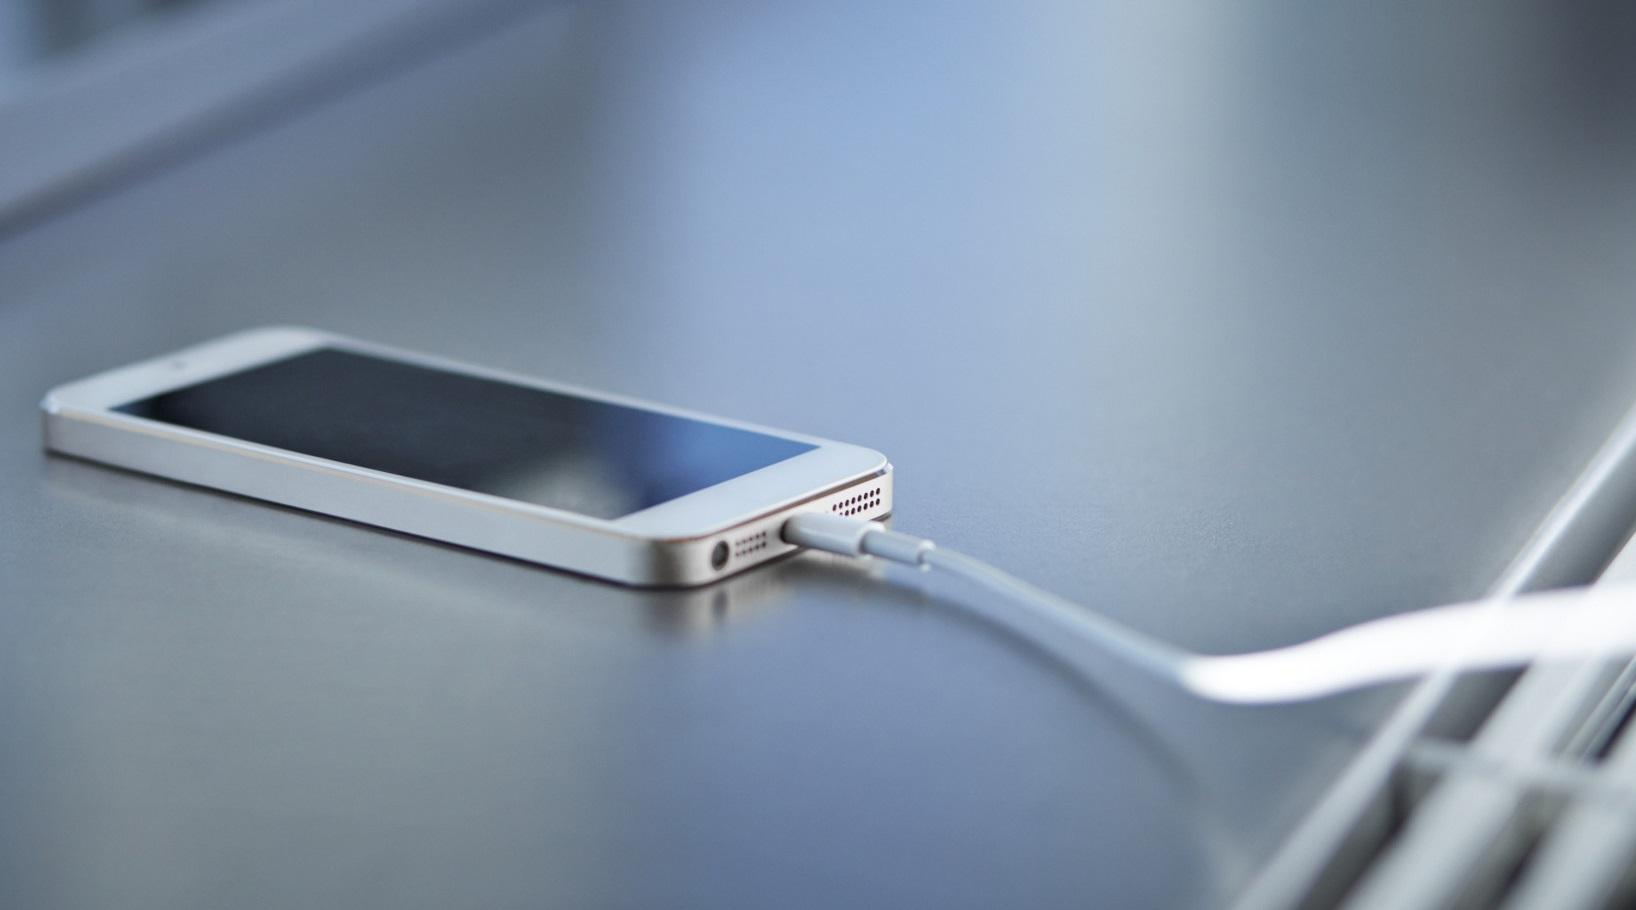 Как зарядить телефон без зарядки: стандартные и нетипичные способы